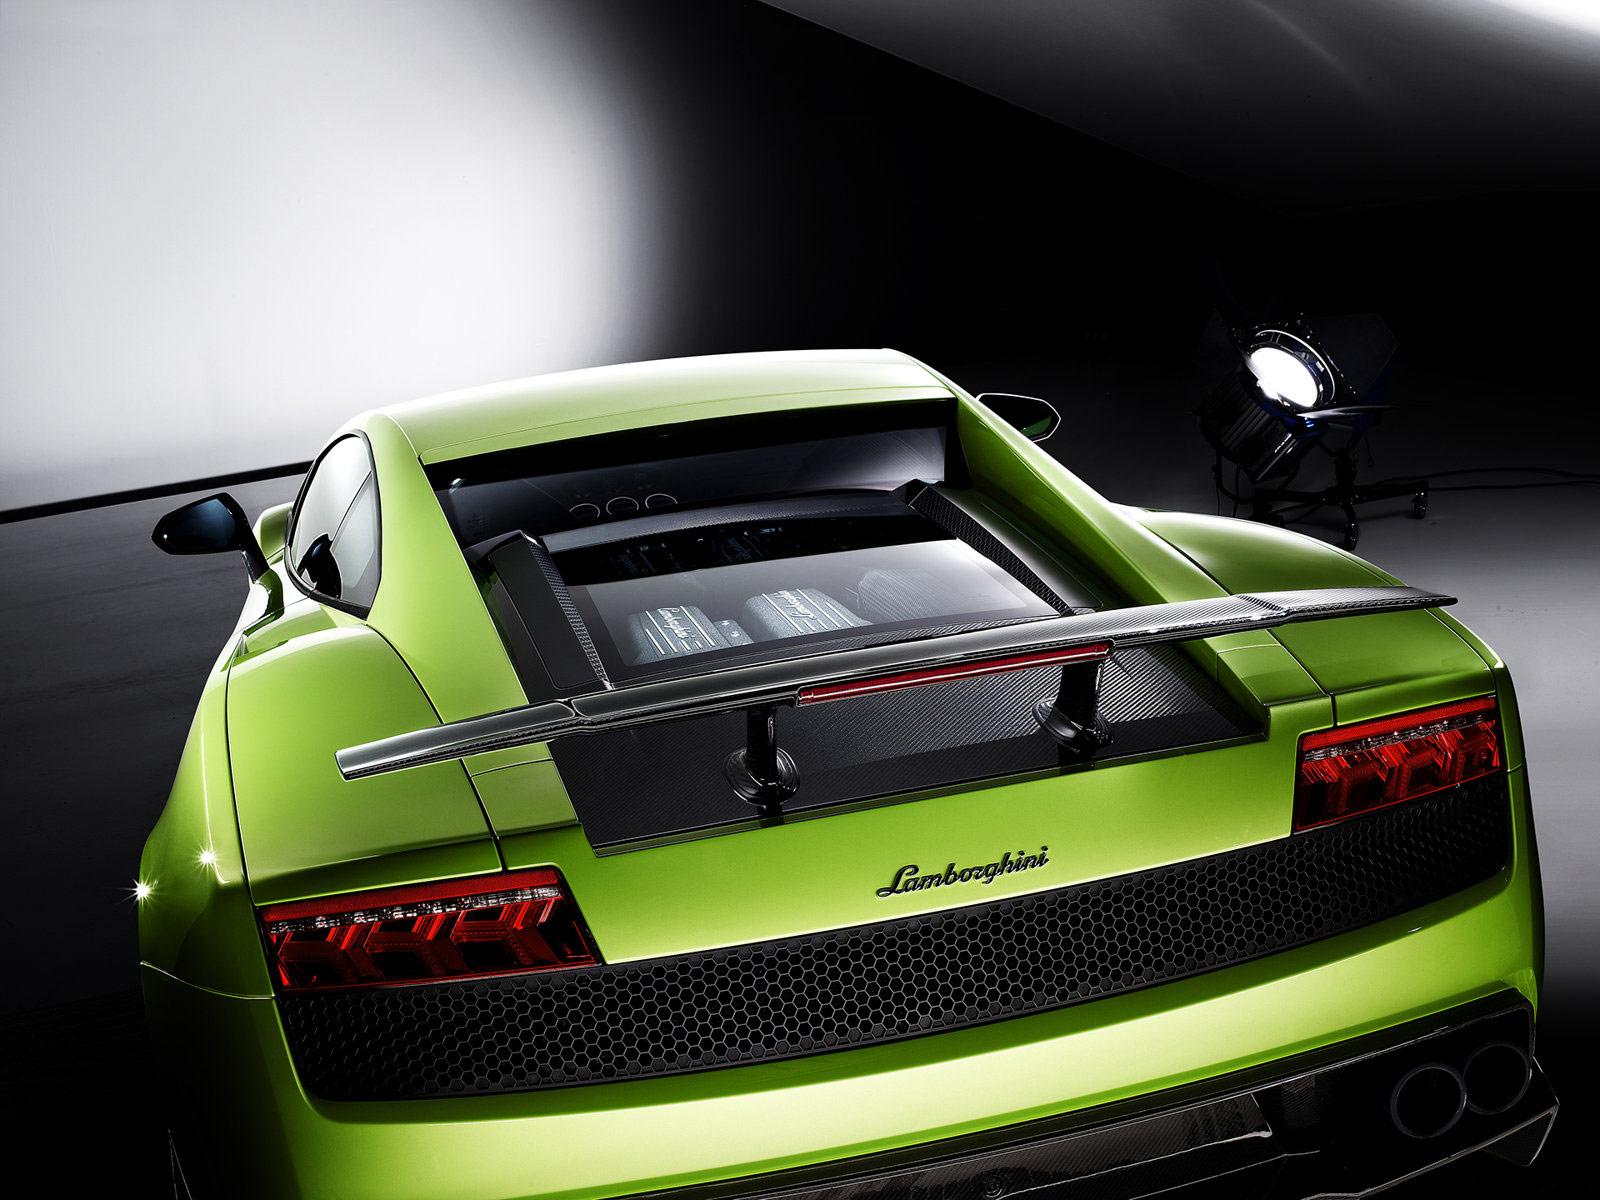 2011 Lamborghini Gallardo LP570-4 Superleggera Lamborghini-Gallardo-LP570-4-Superleggera_2011_09